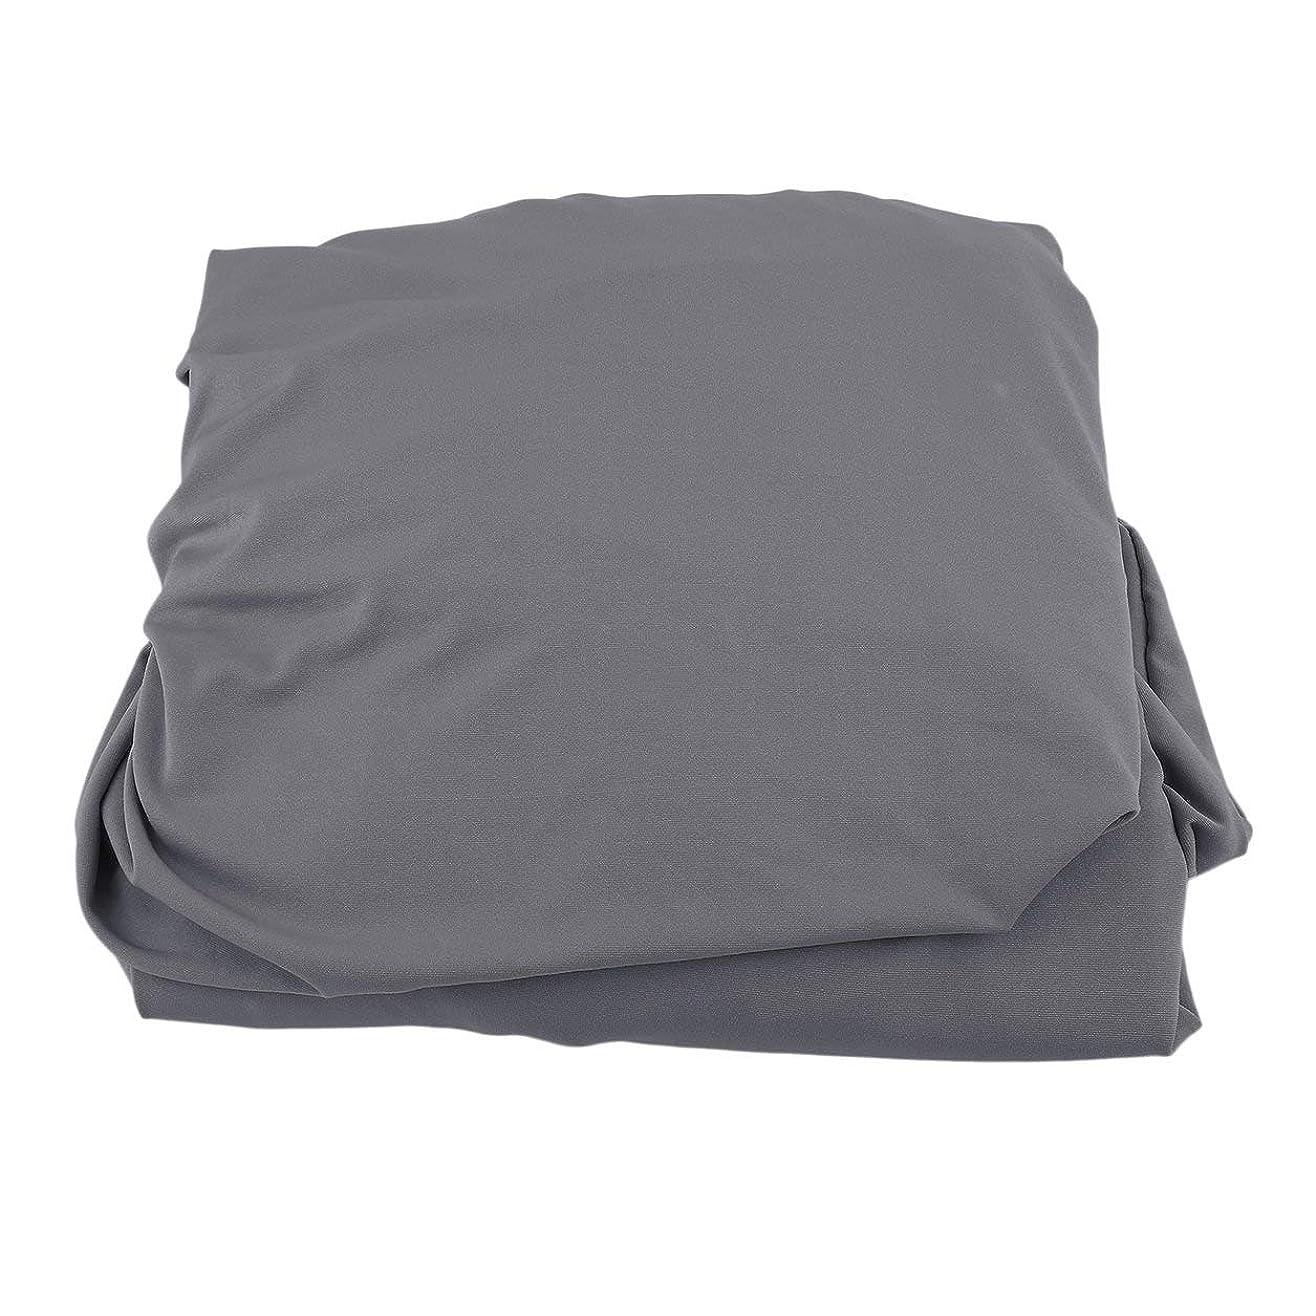 食べる湿地不和Saikogoods 弾性ポリエステルソファカバーピュアカラーストレッチ本のカバー柔軟な椅子Dustcoat耐久性のあるソファーカバー家具の布 グレー